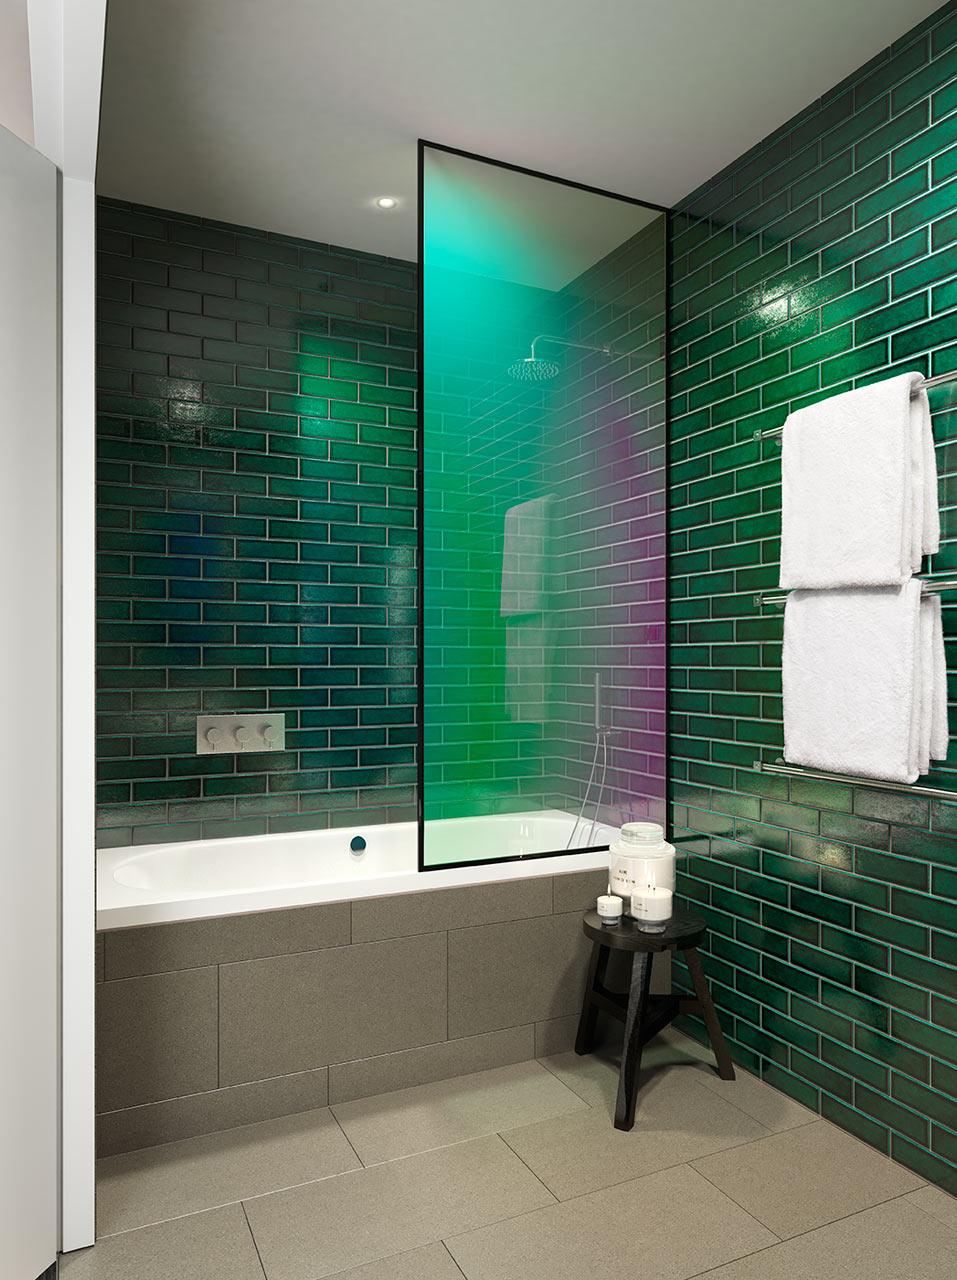 حمام مودرن 1ا جرأة وروعة الألوان في تصميم وحدات سكنية عصرية